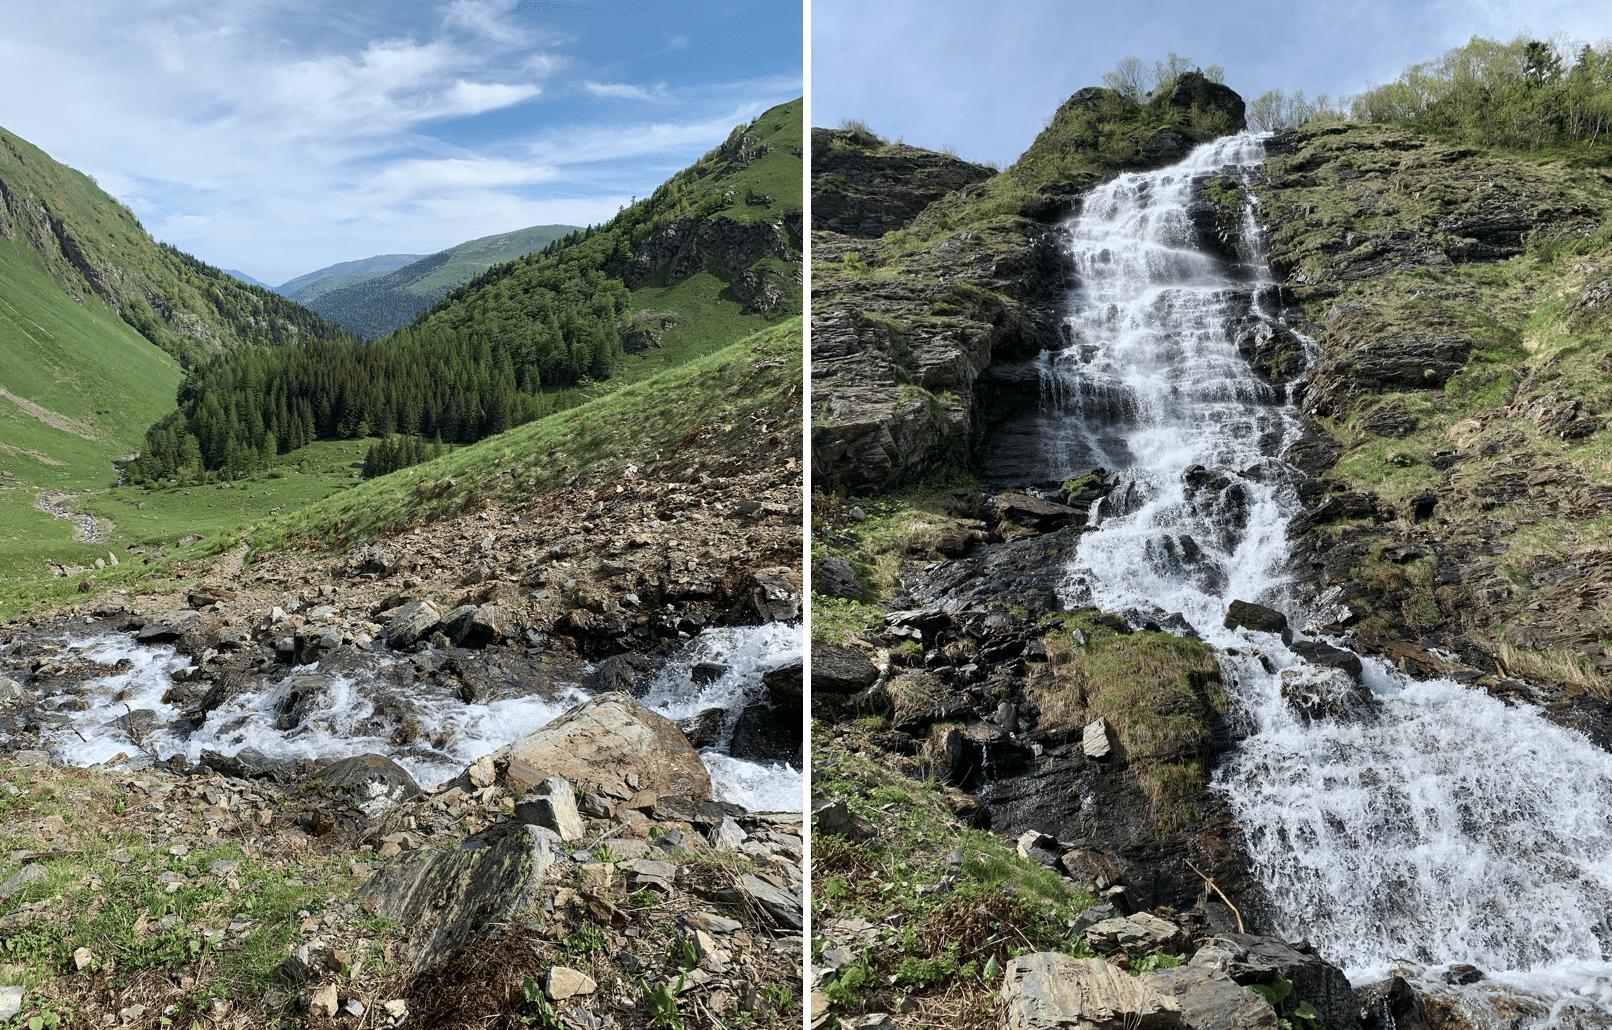 randonnee dans les pyrenees, jour 1